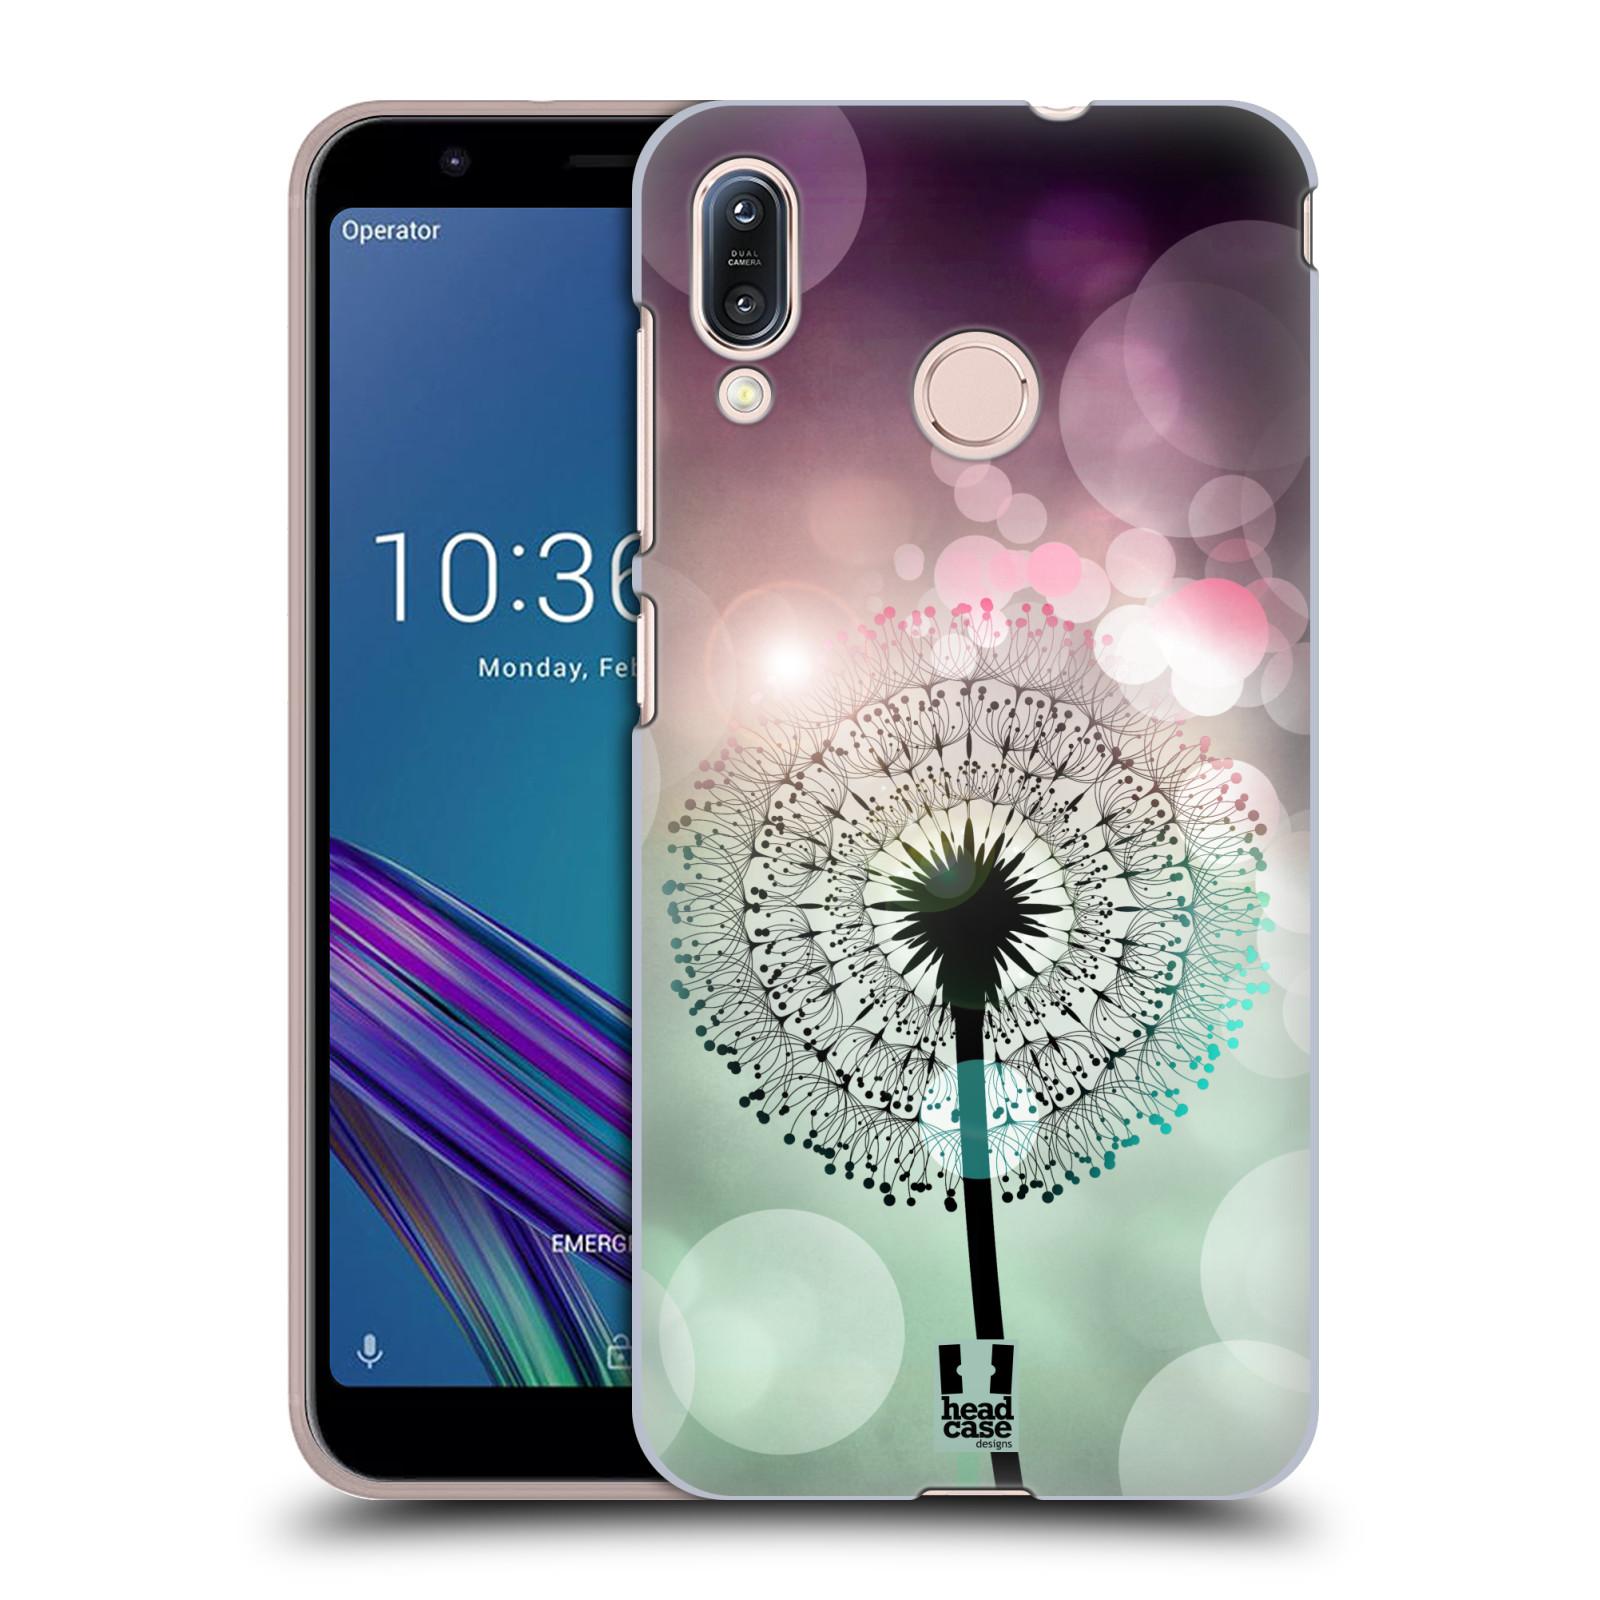 Plastové pouzdro na mobil Asus Zenfone Max M1 ZB555KL - Head Case - Pampeliškové odlesky